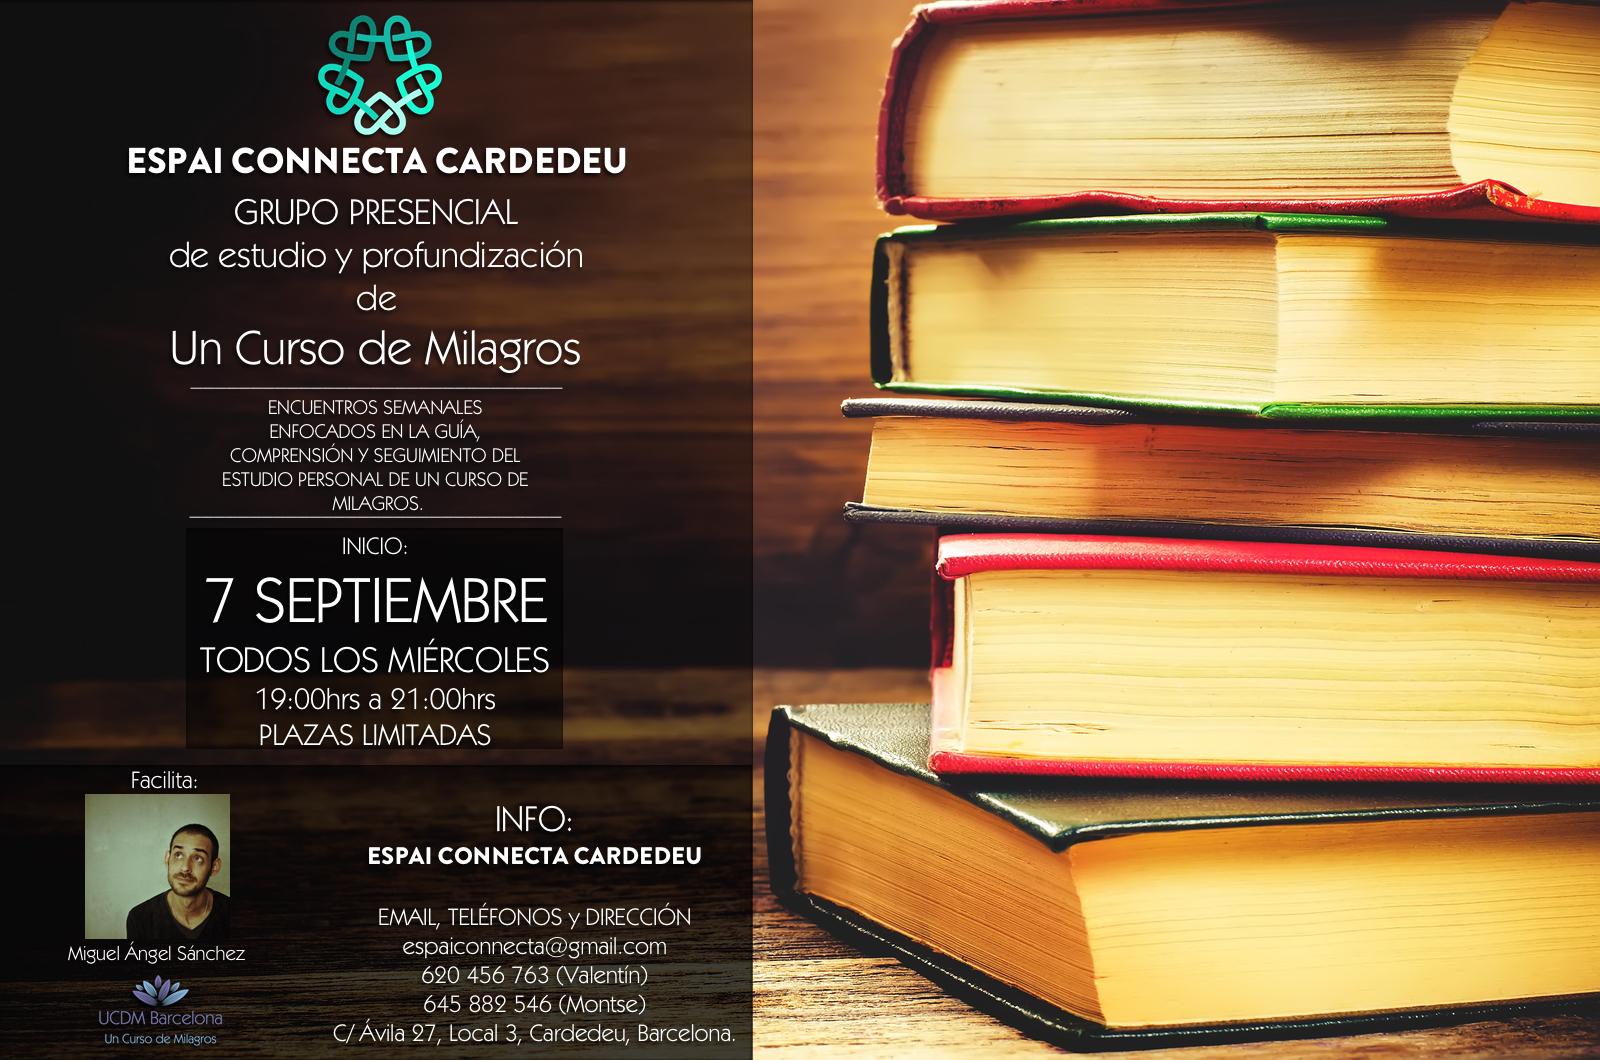 Grupo de estudio y profundización en ESPAI CONNECTA CARDEDEU Septiembre 2016